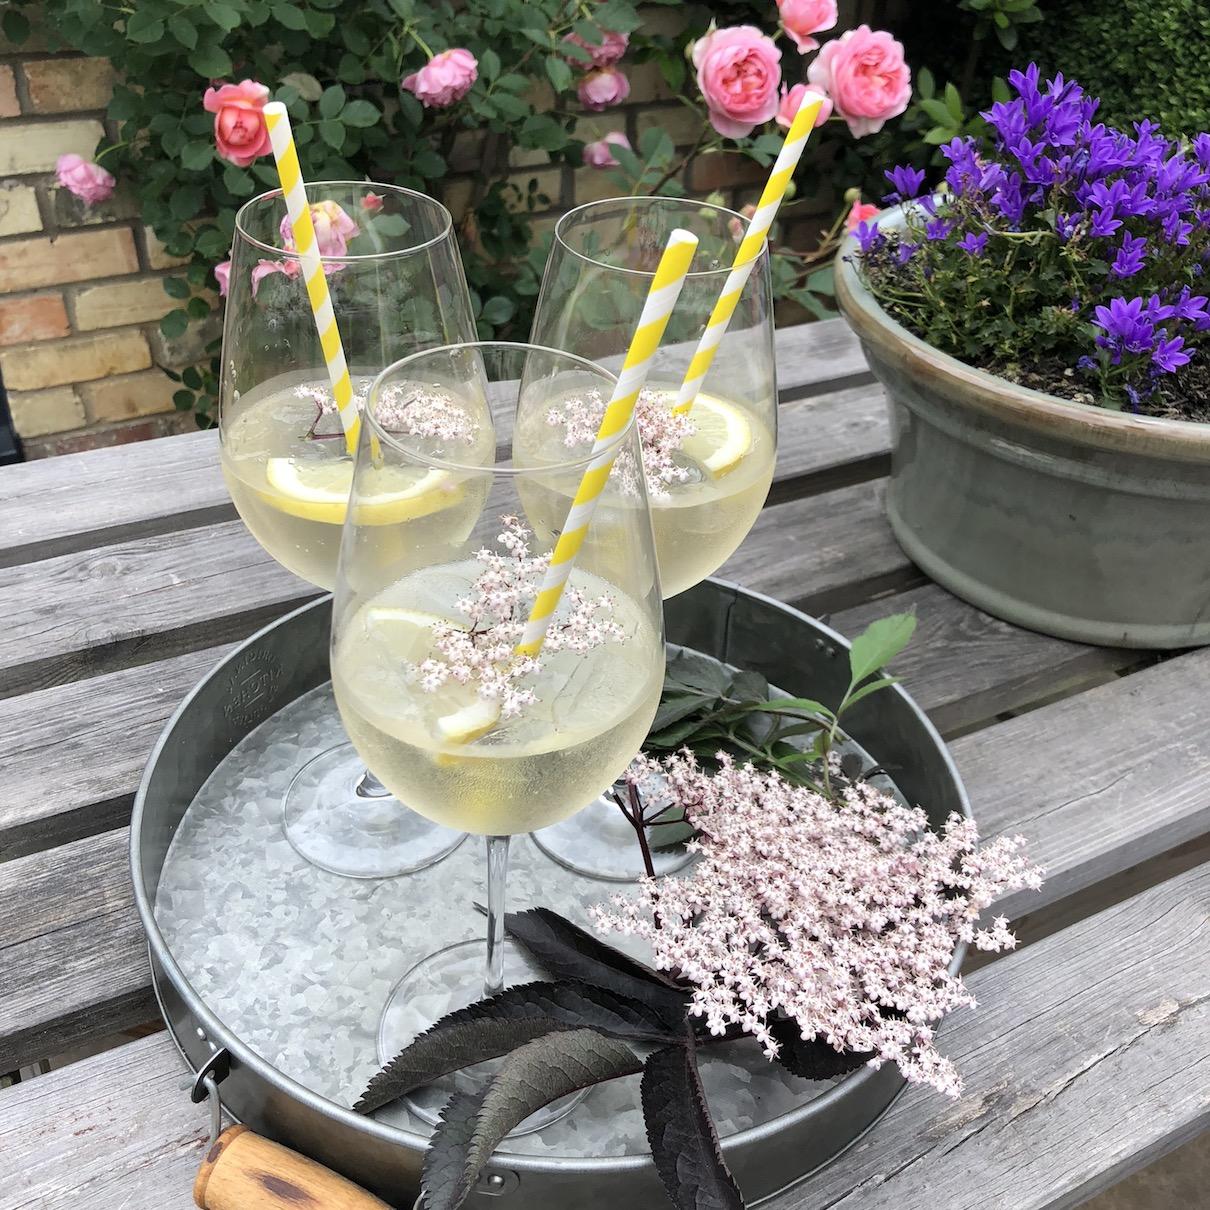 30 Days Wild Elderflower Cocktail